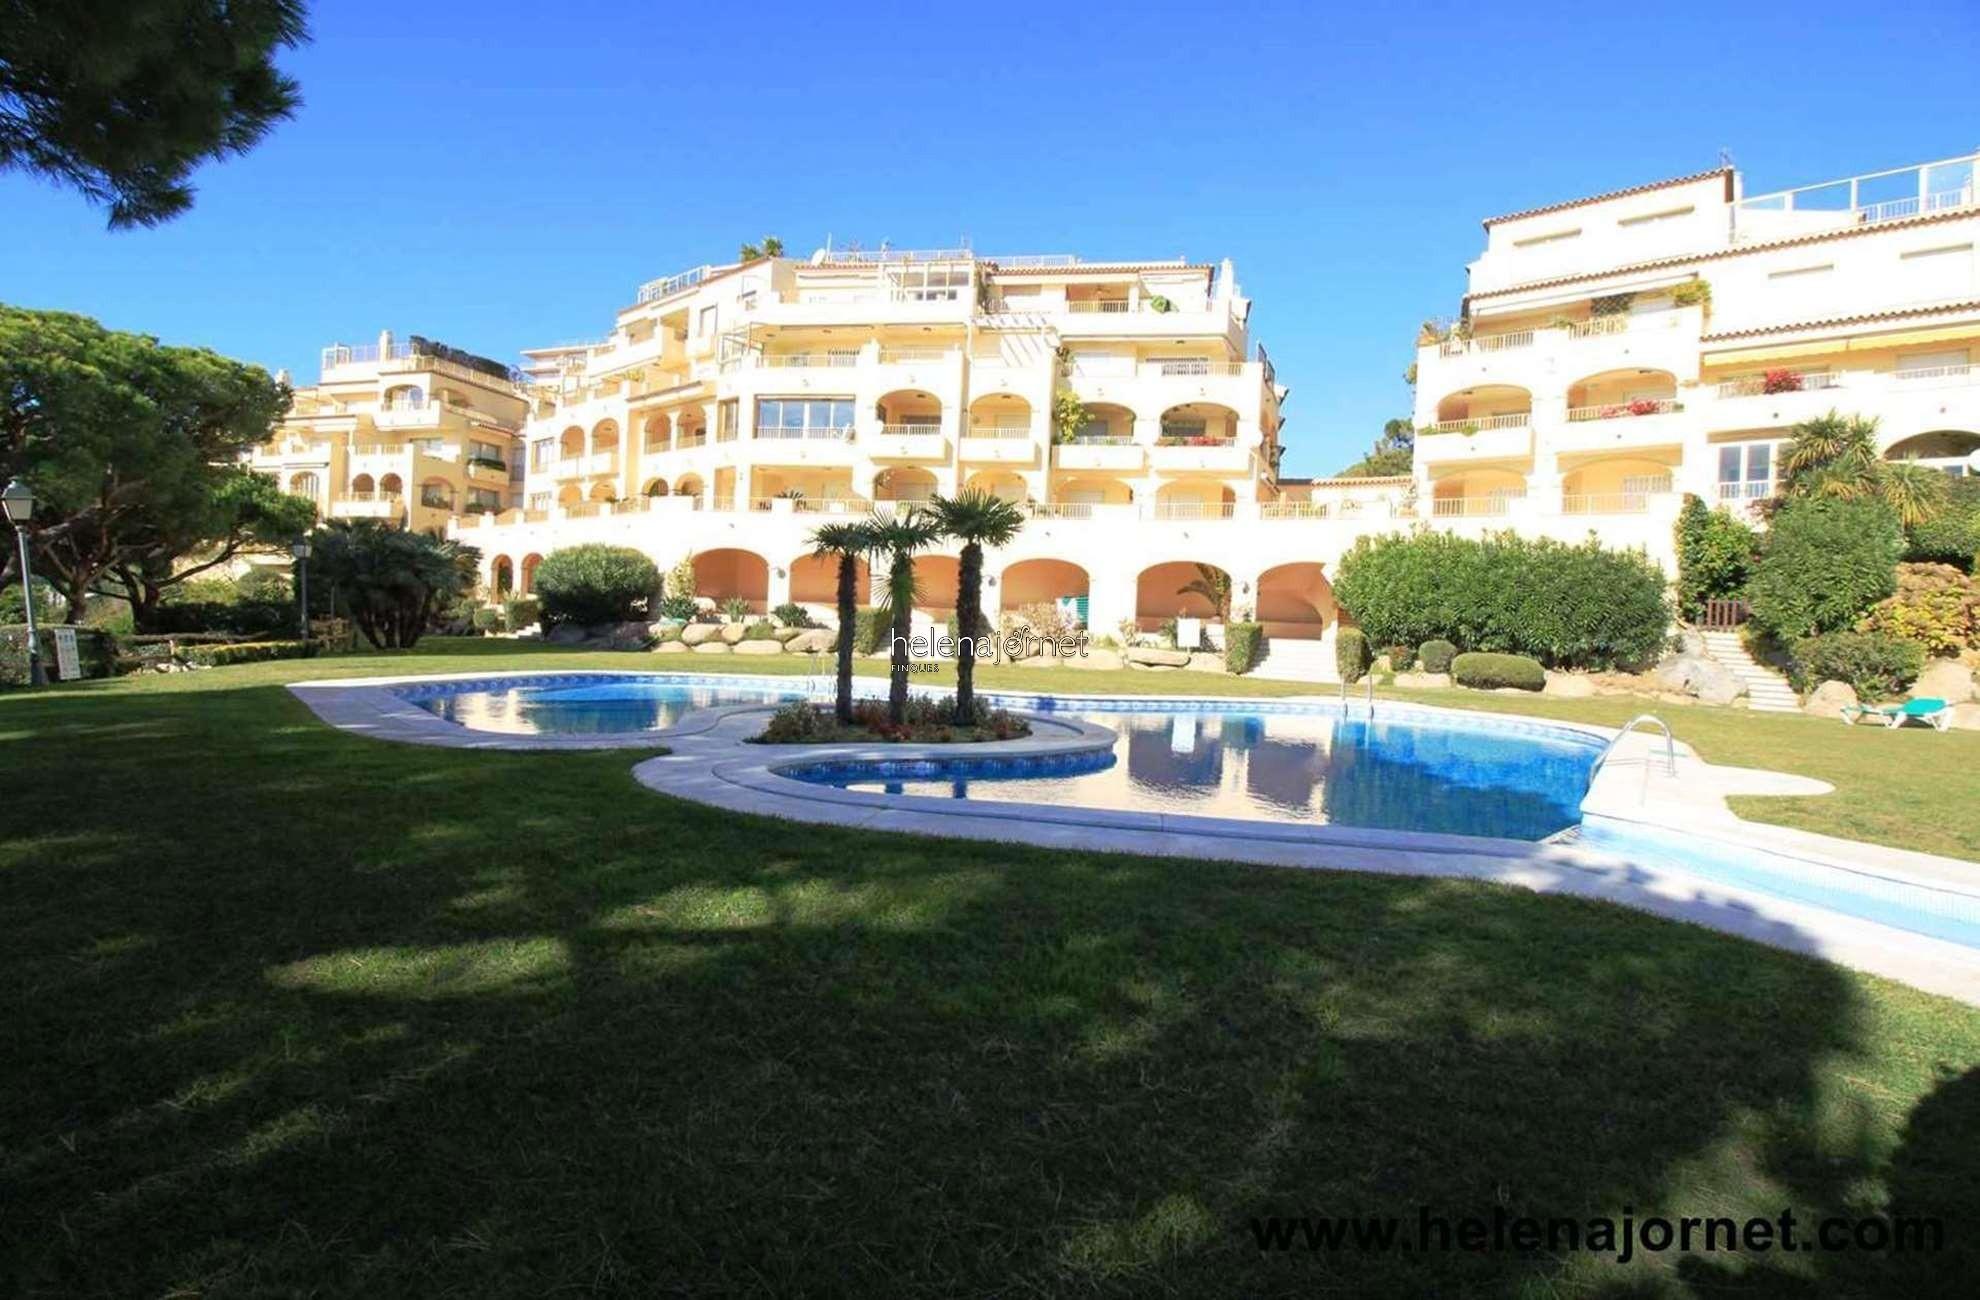 Apartamento situado en la planta baja con jardín privado y piscina comunitaria - 70052 Las Velas